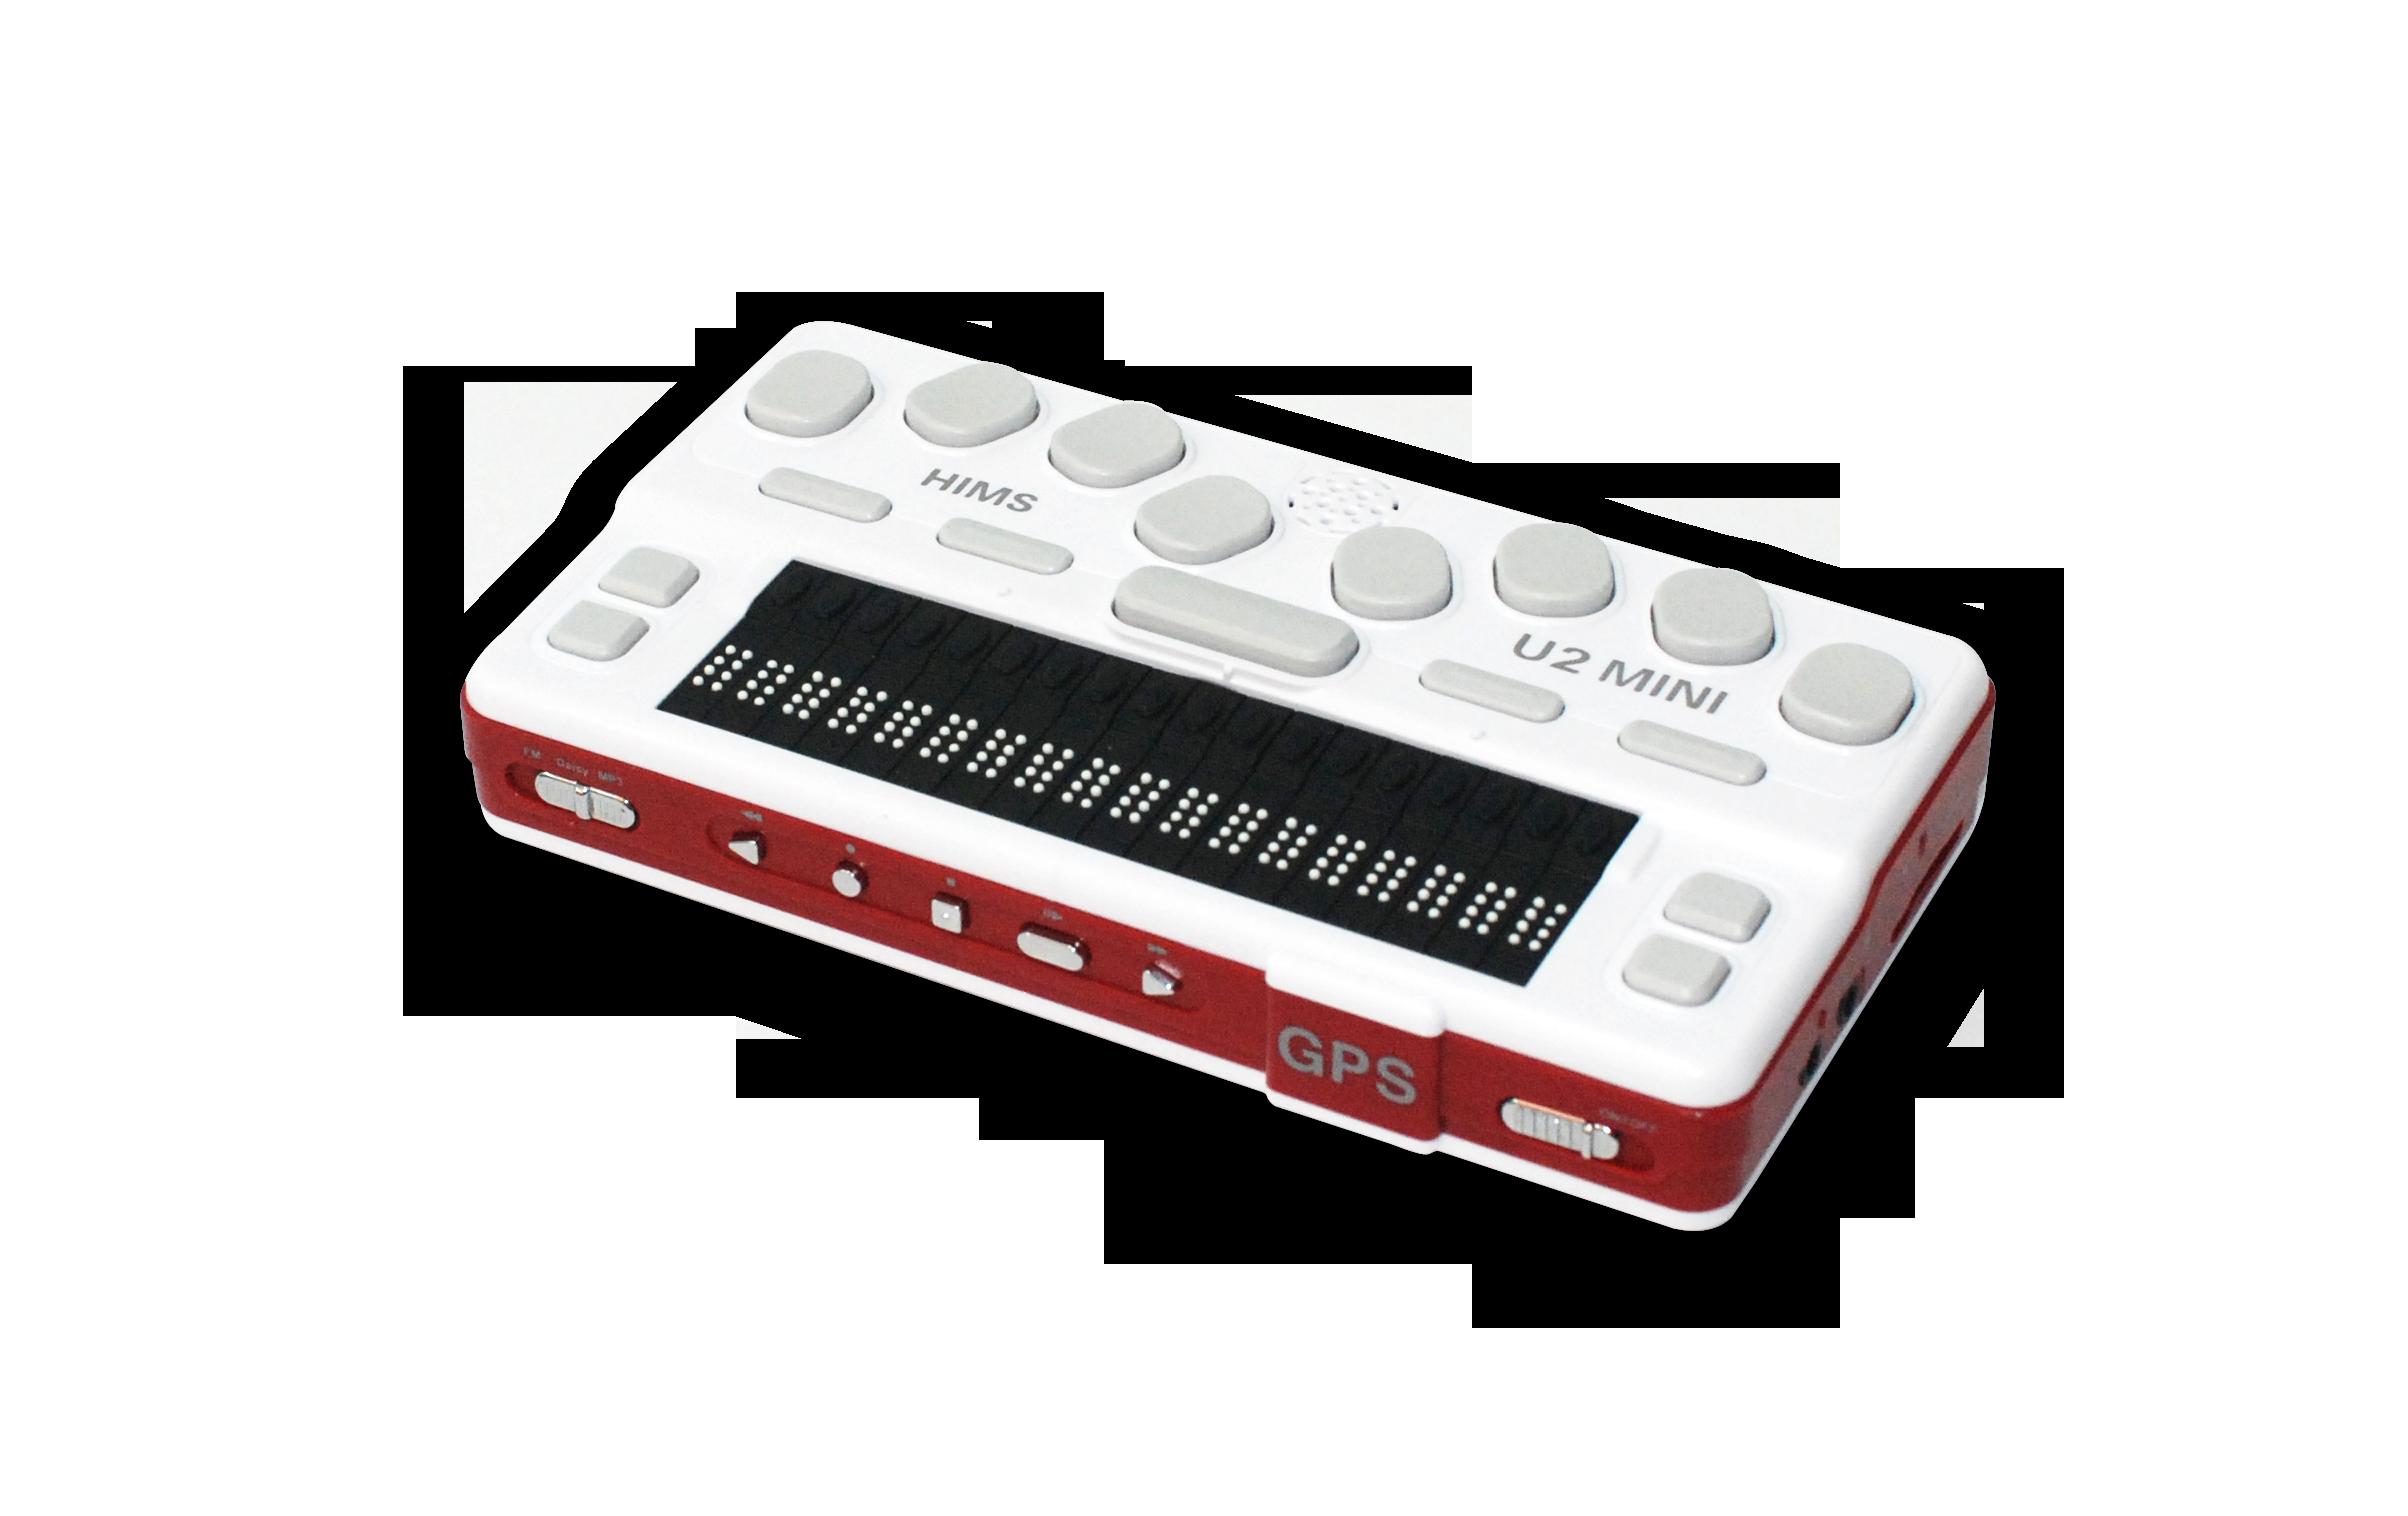 BrailleSense U2 Mini